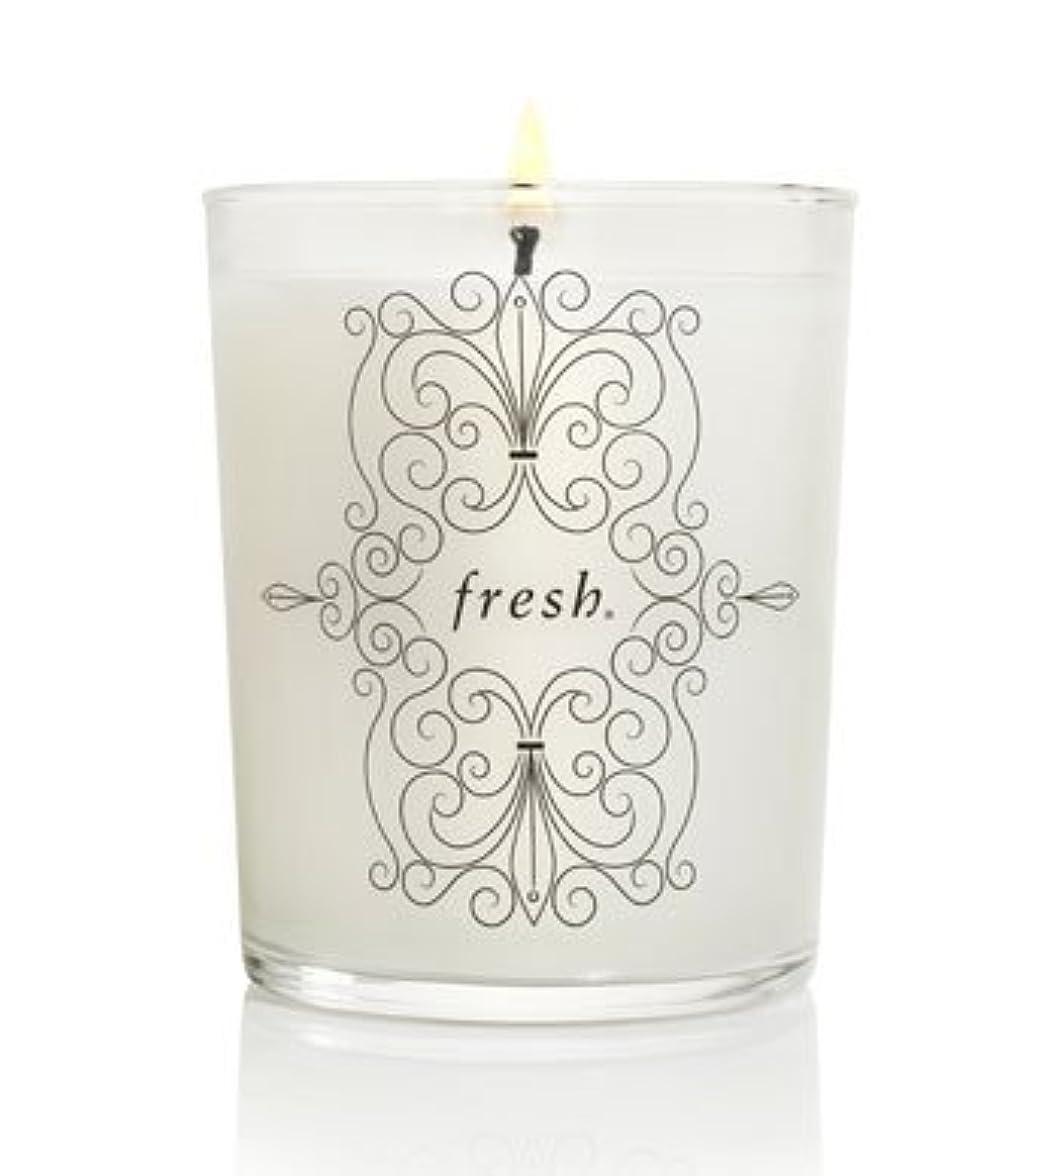 似ている非アクティブ協会Fresh CANNABIS SANTAL CANDLE (フレッシュ カナビスサンタル キャンドル) 7.5 oz (215g) by Fresh